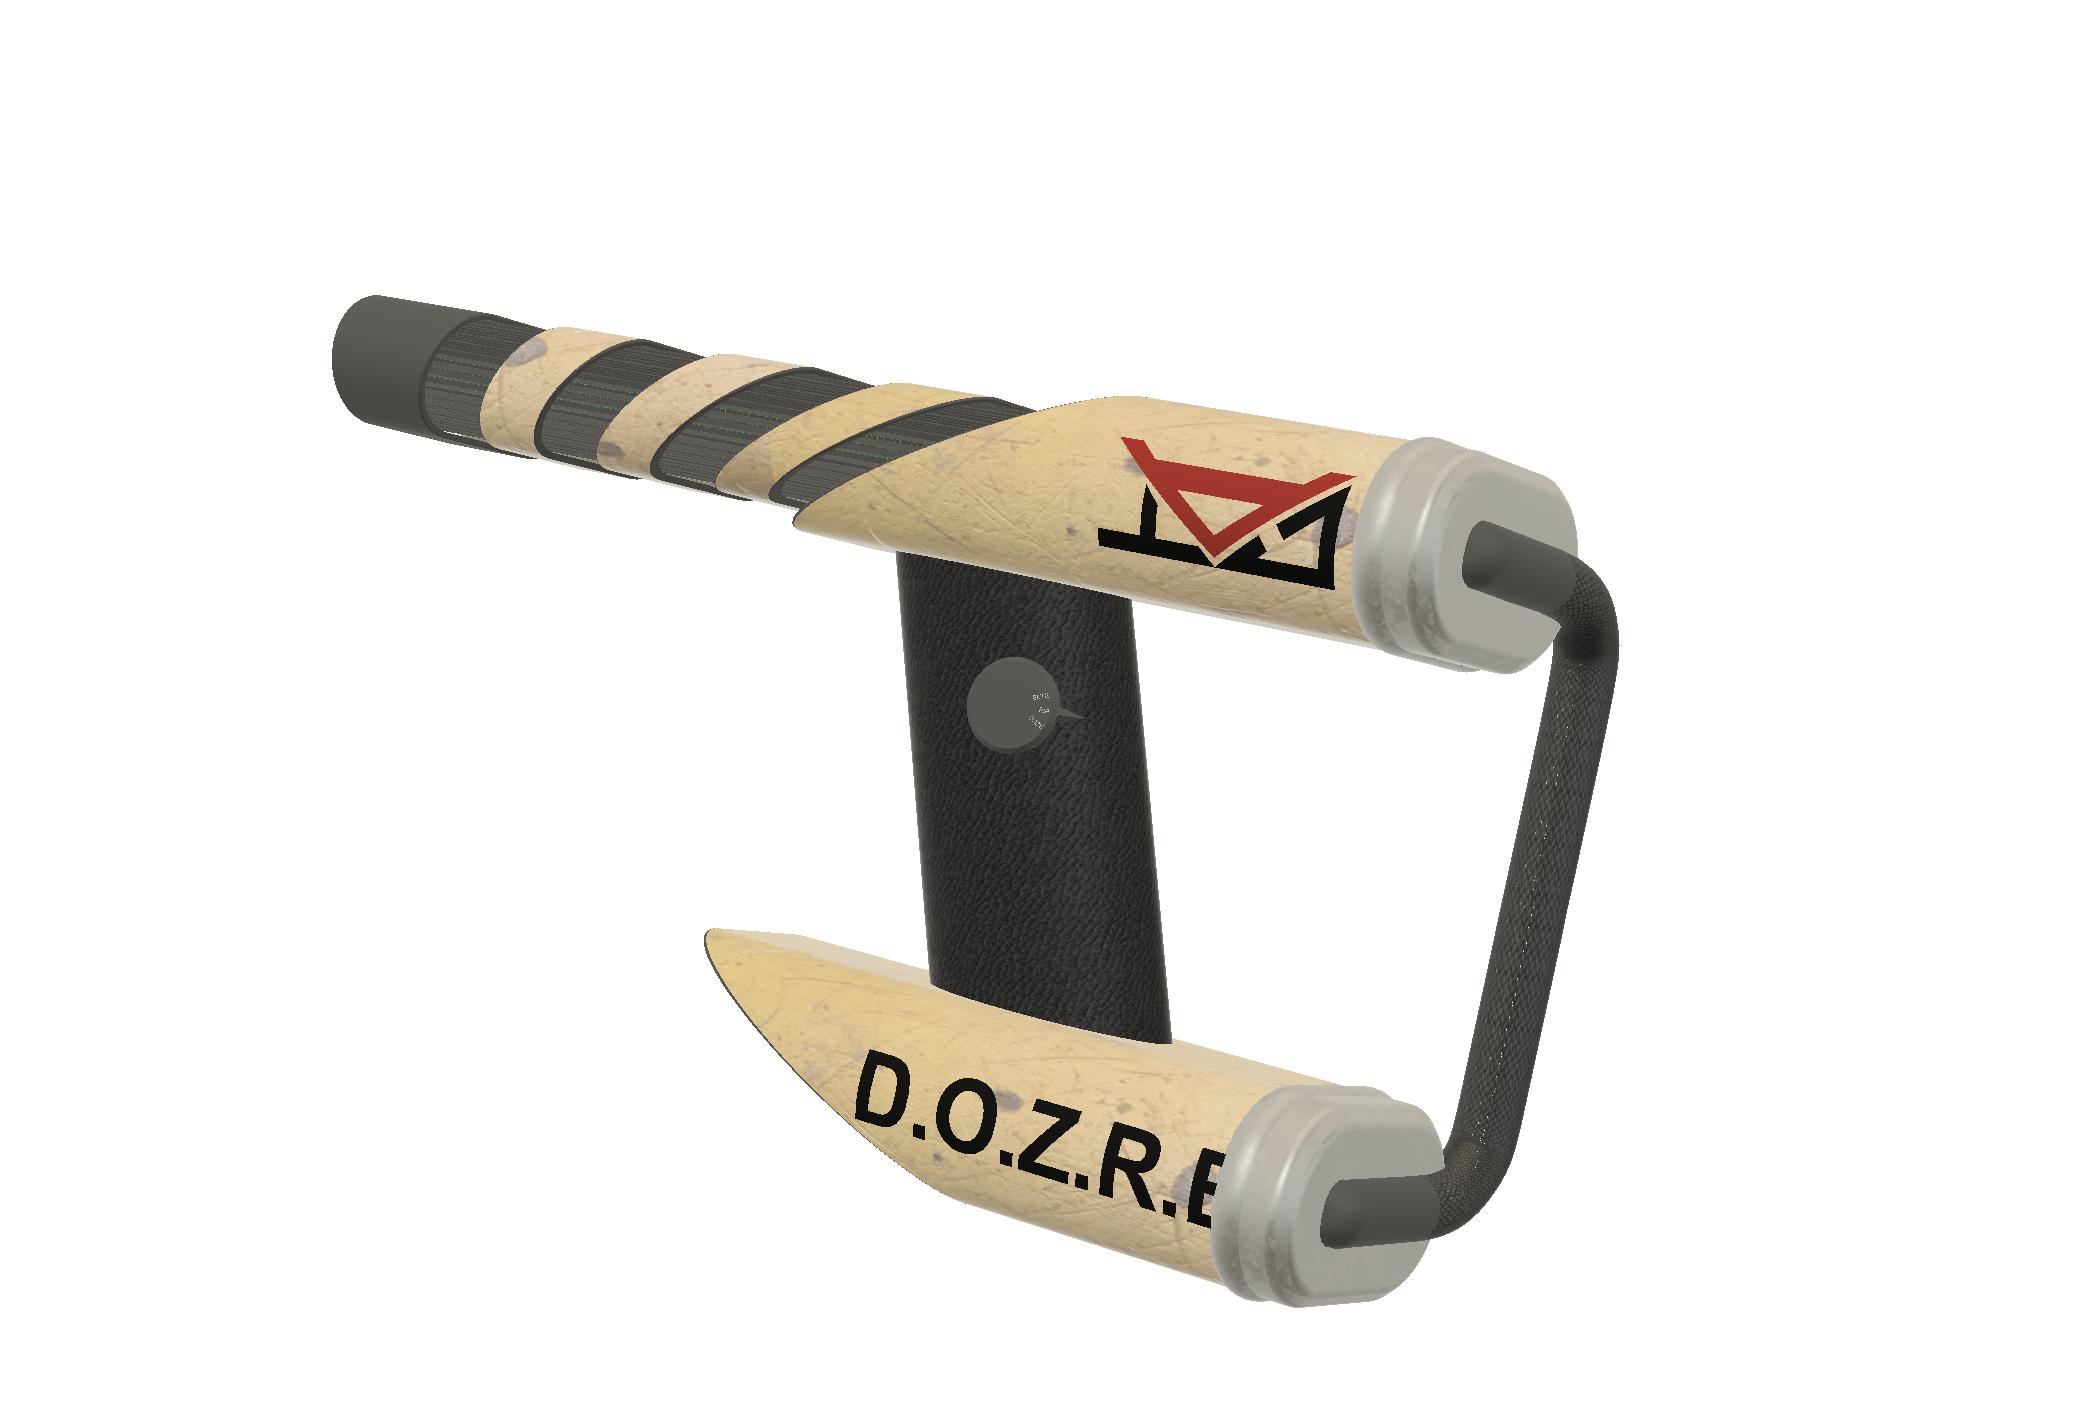 Three D Guns D.O.Z.R.E